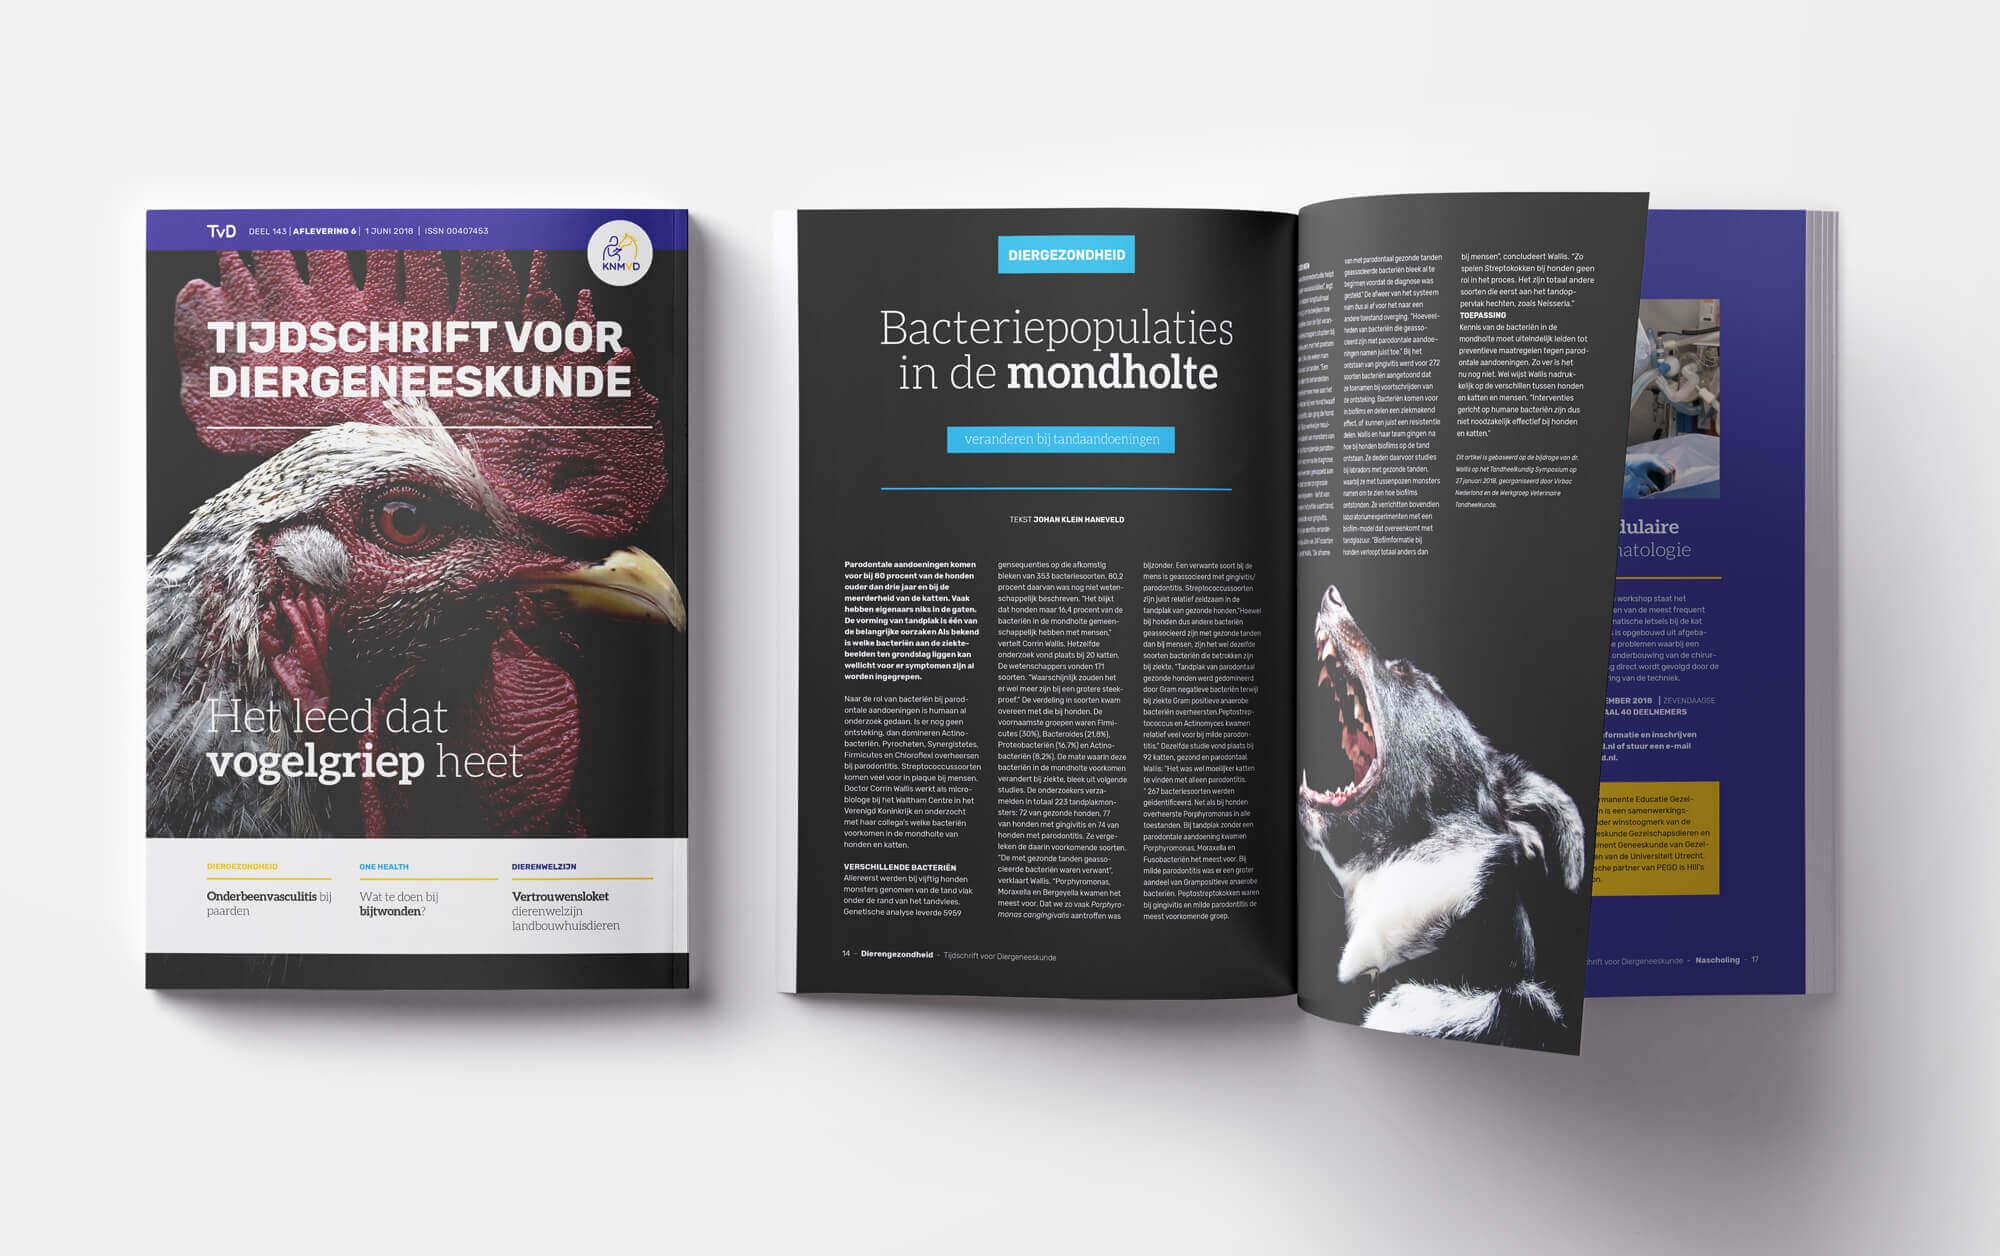 Tijdschrift voor Diergeneeskunde